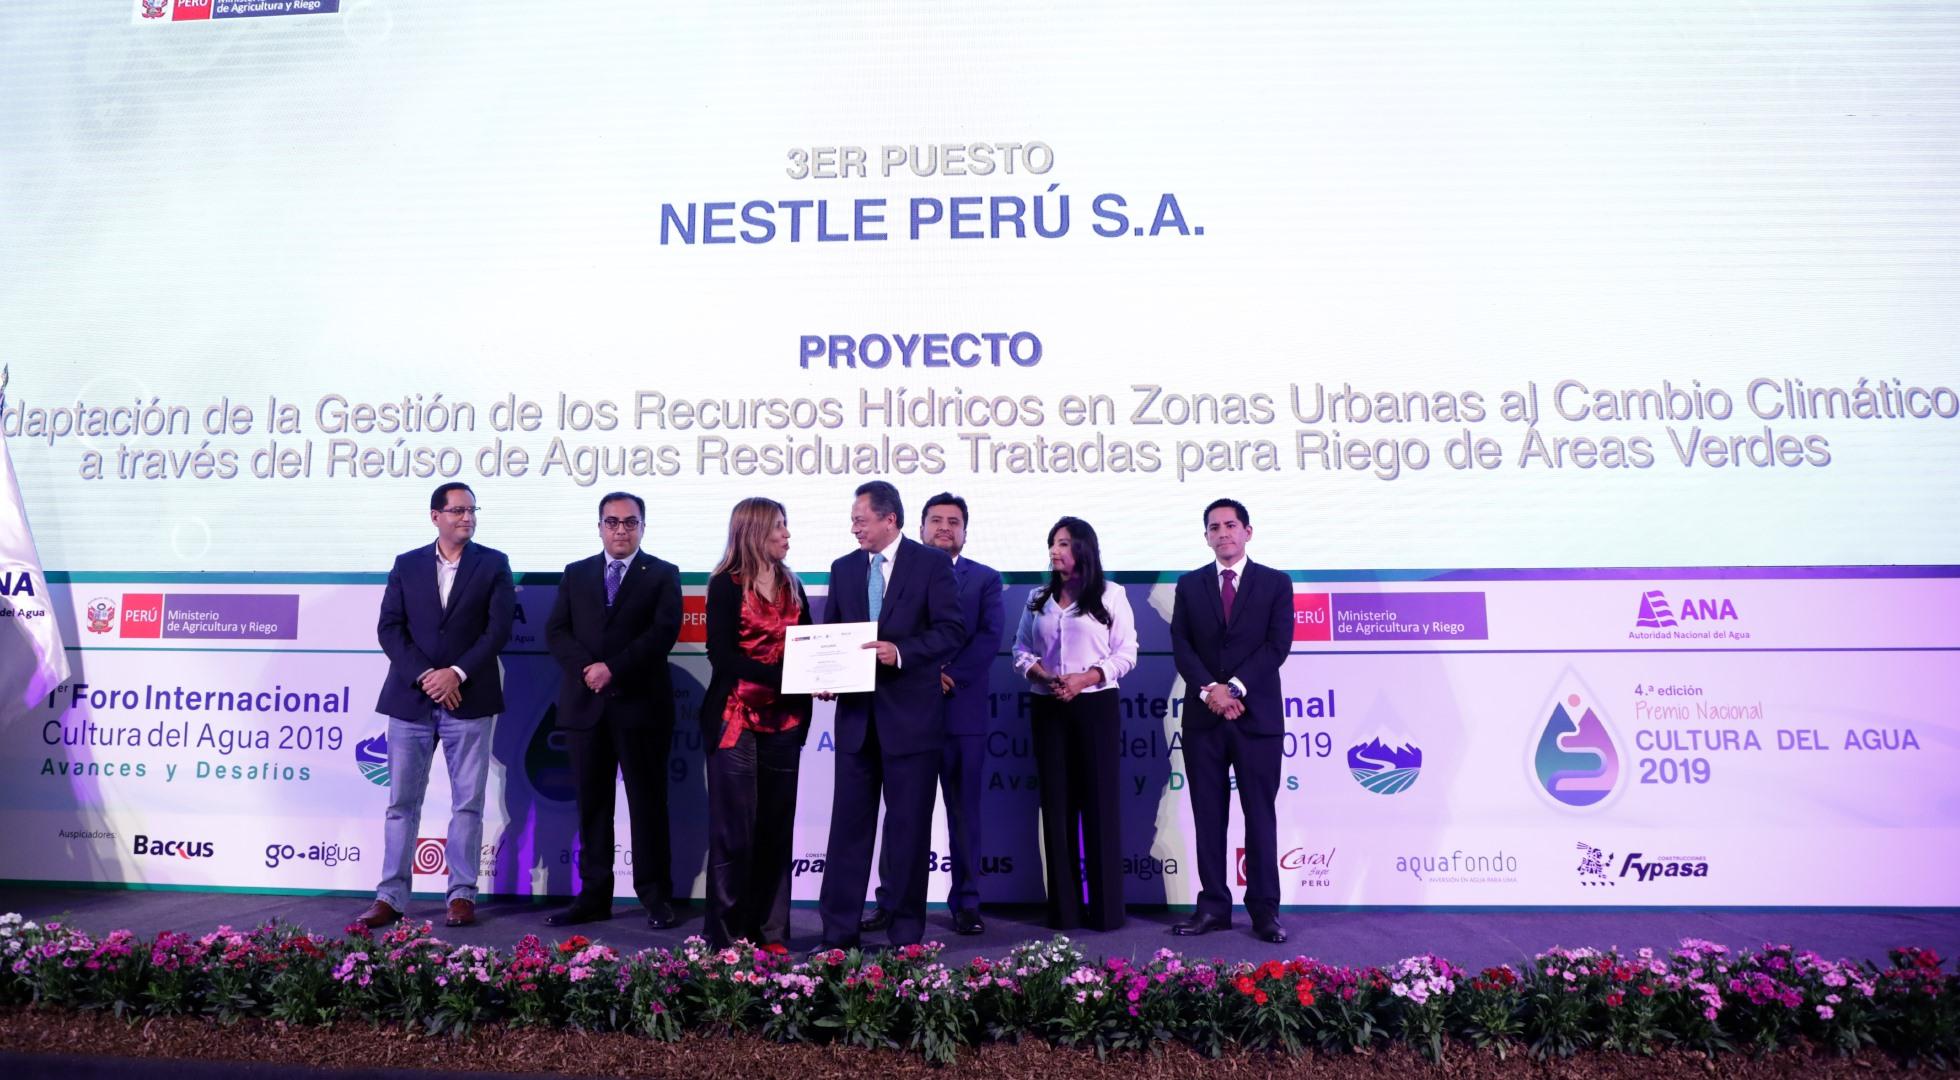 ¡Nestlé y la Municipalidad Metropolitana de Lima son premiados durante la ceremonia al Premio Cultura del Agua!